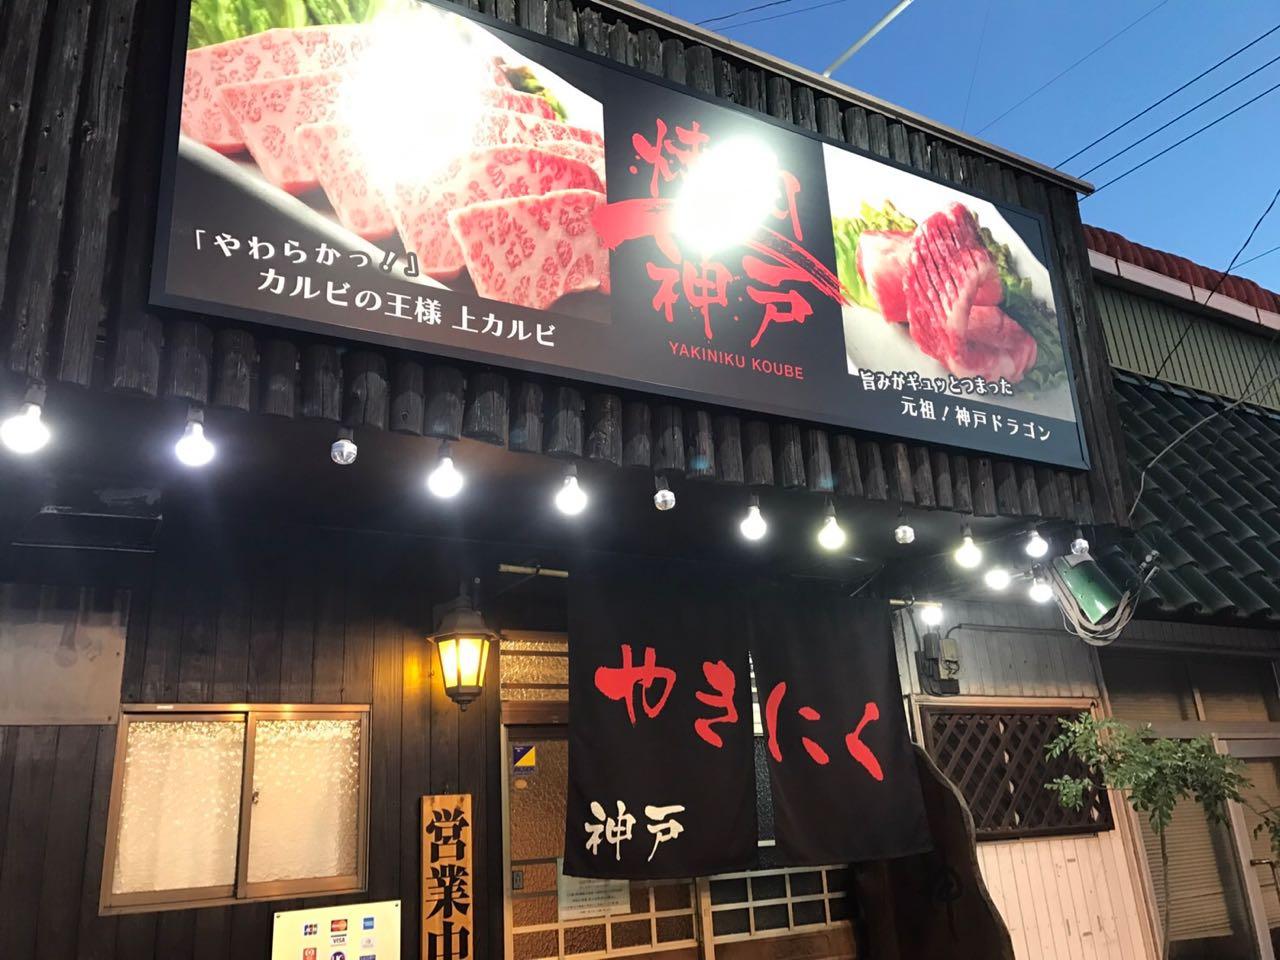 みとん今治,焼肉,神戸,郷本町,ディナー